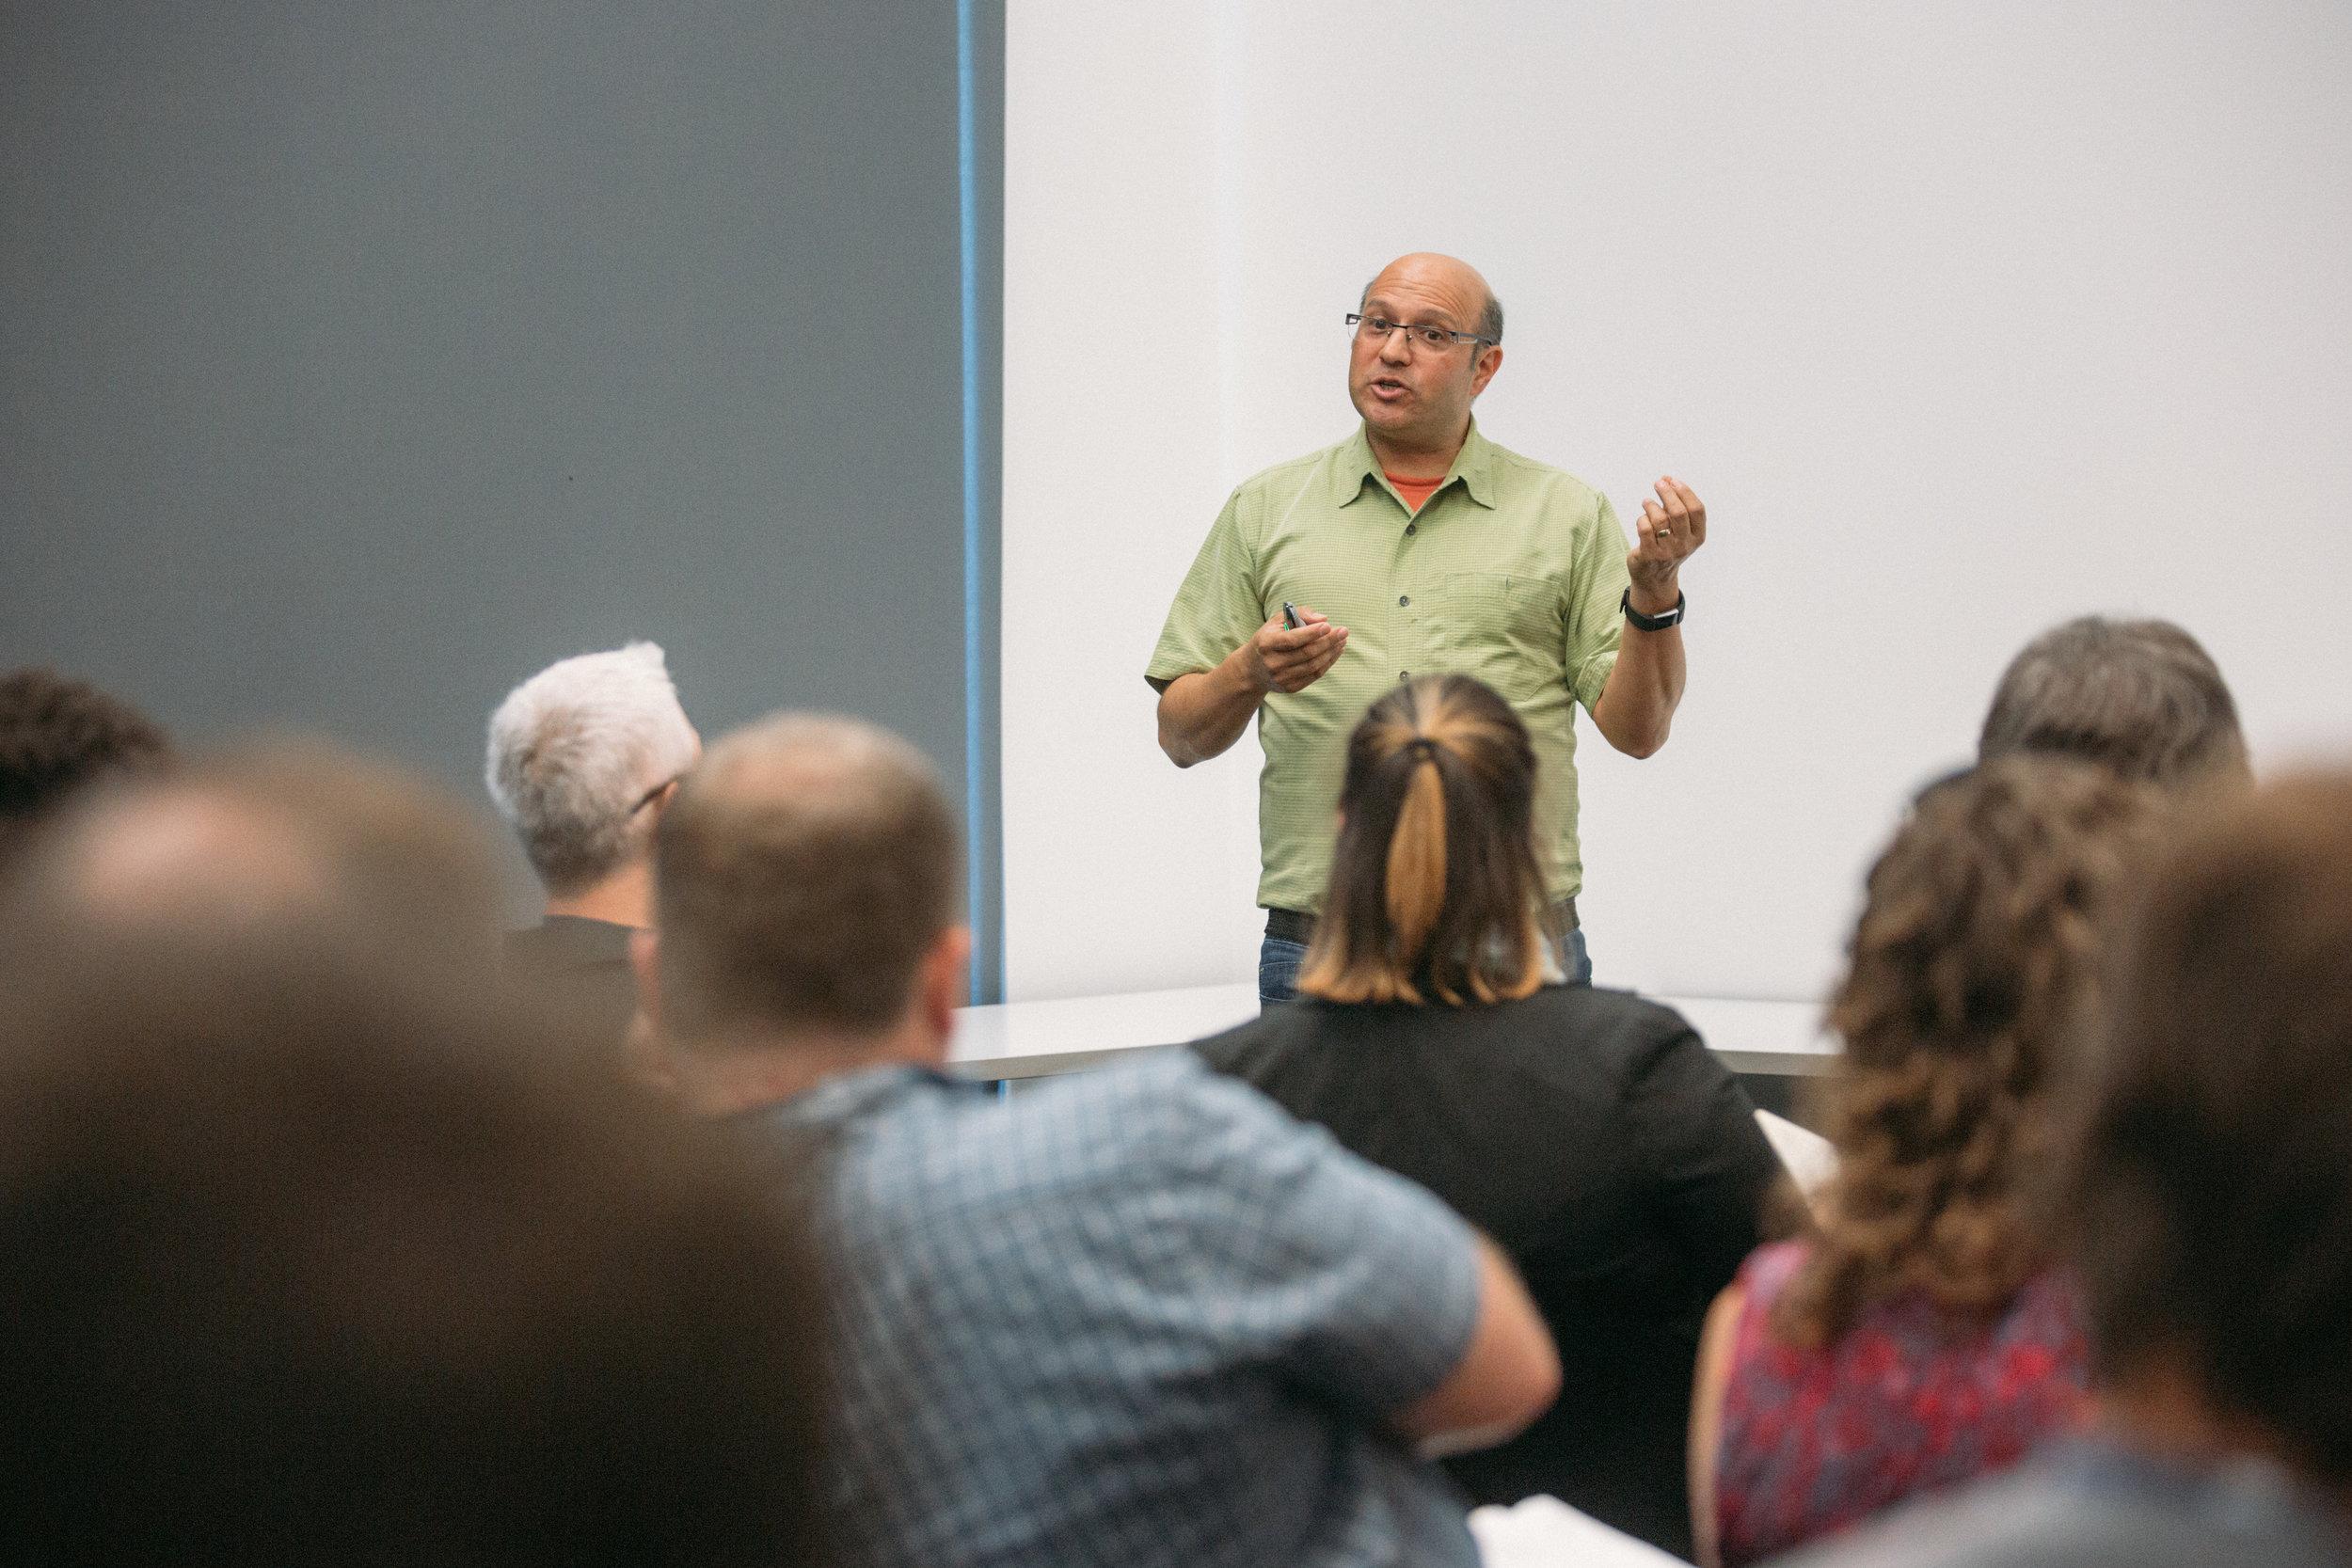 ProductCamp Cincinnati Steve Ramos Speaking 3.JPG